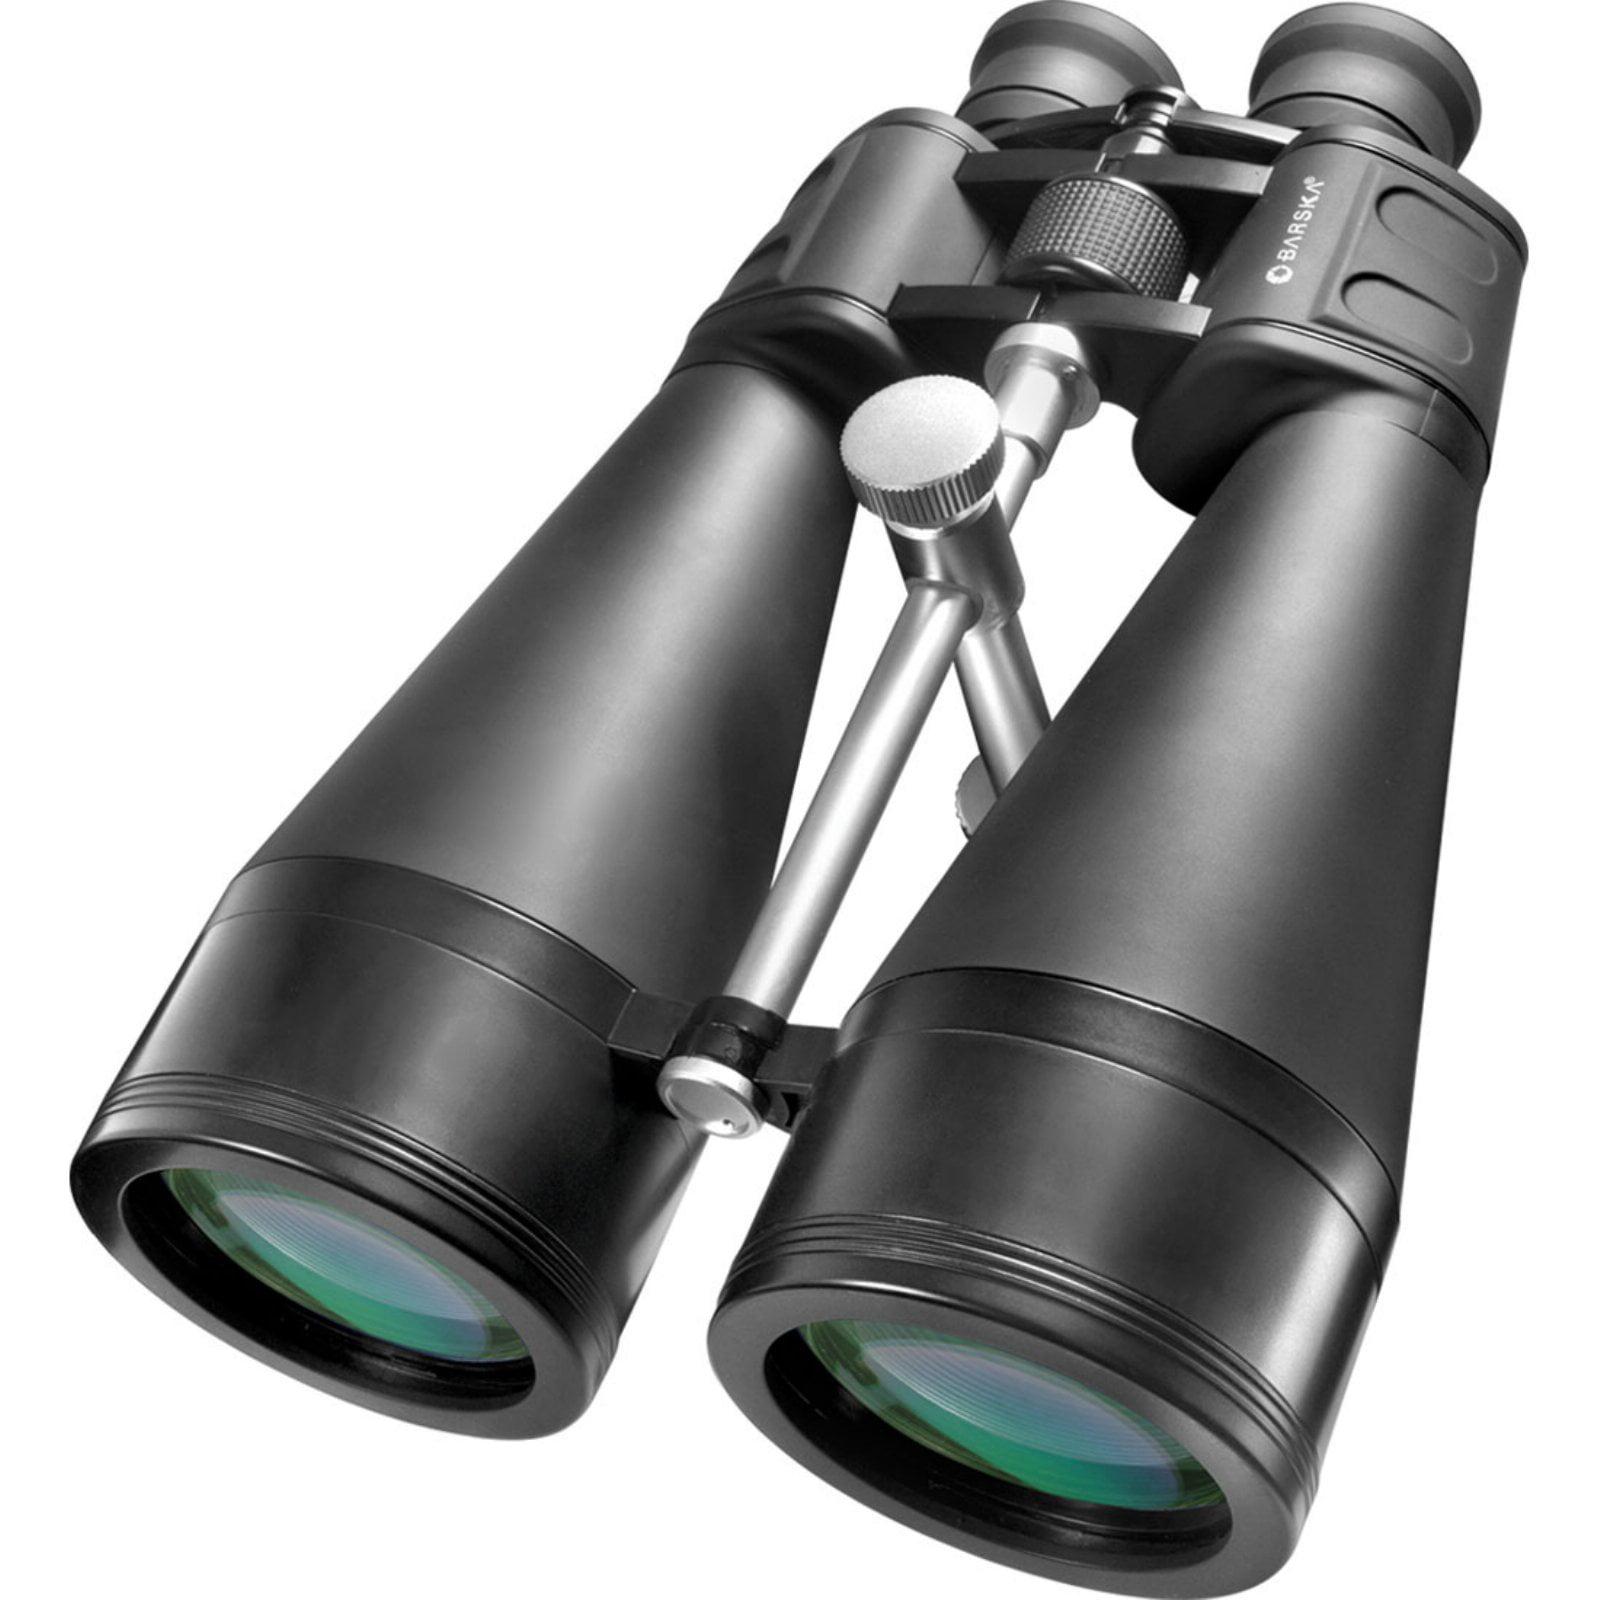 Barska 30x80mm X-Trail Binoculars